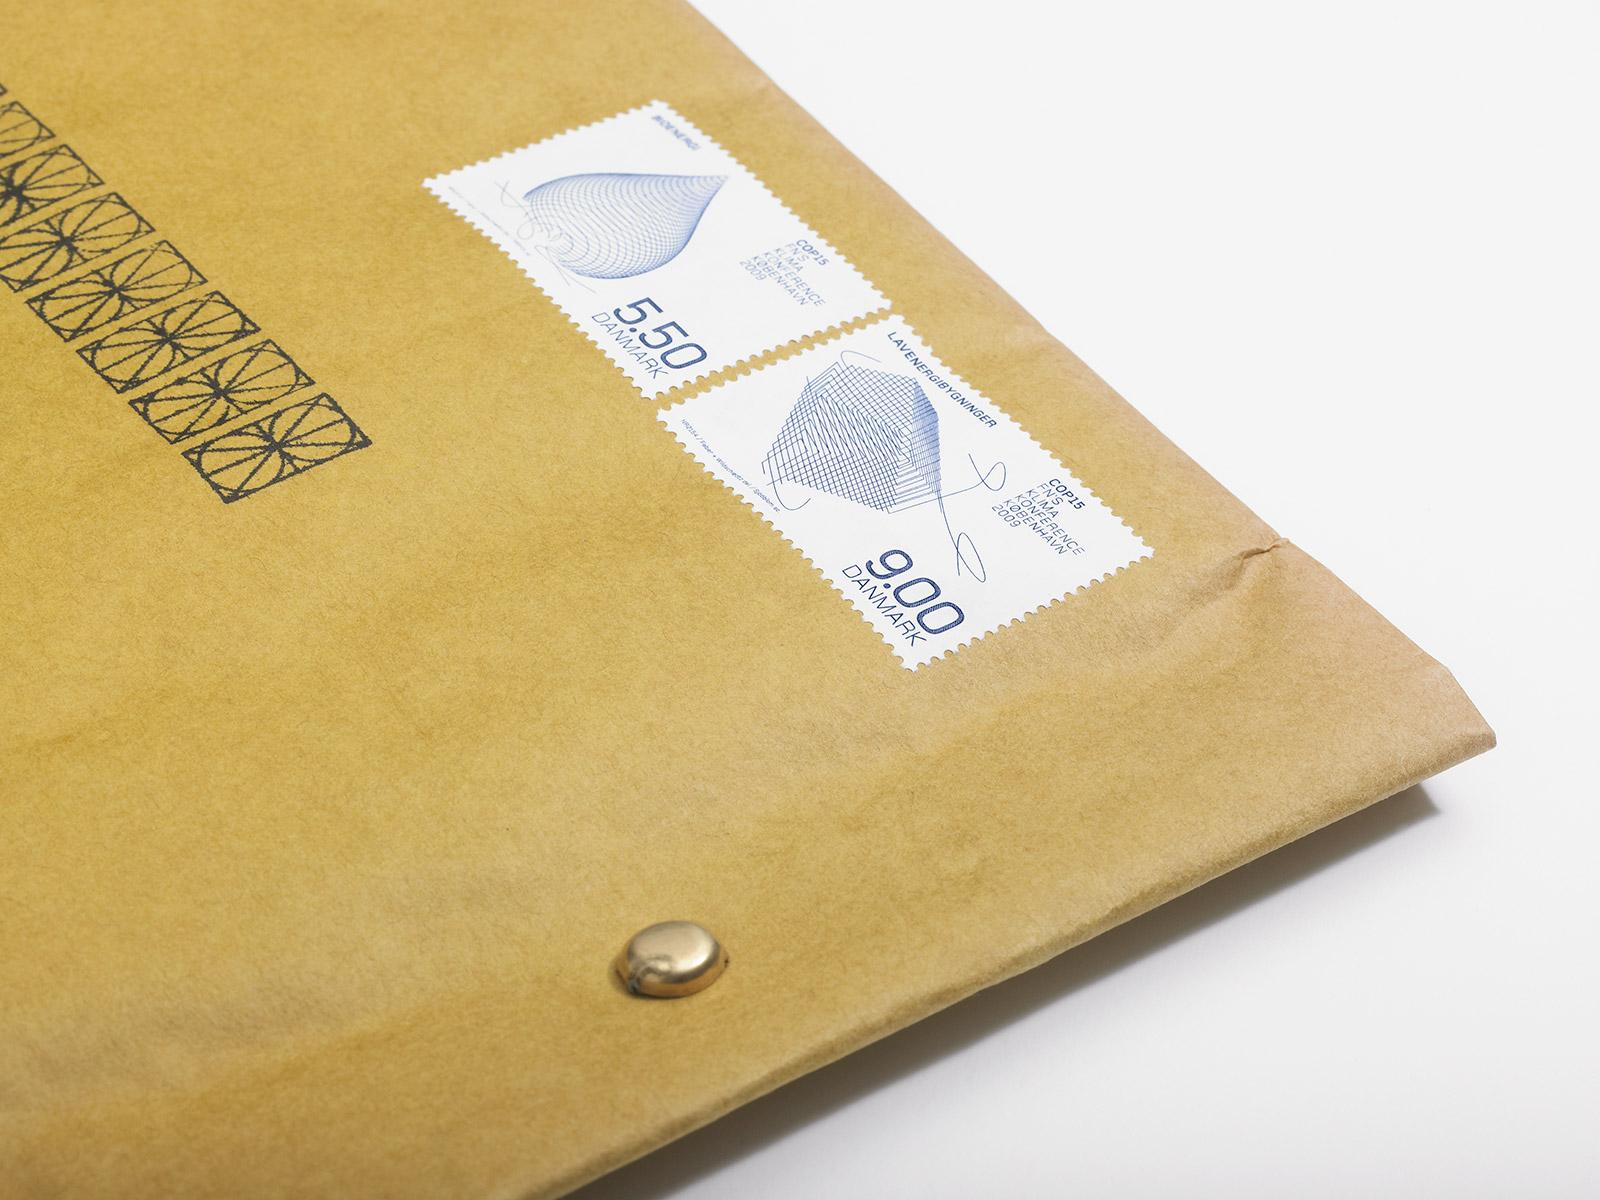 cop15_stamps02_std